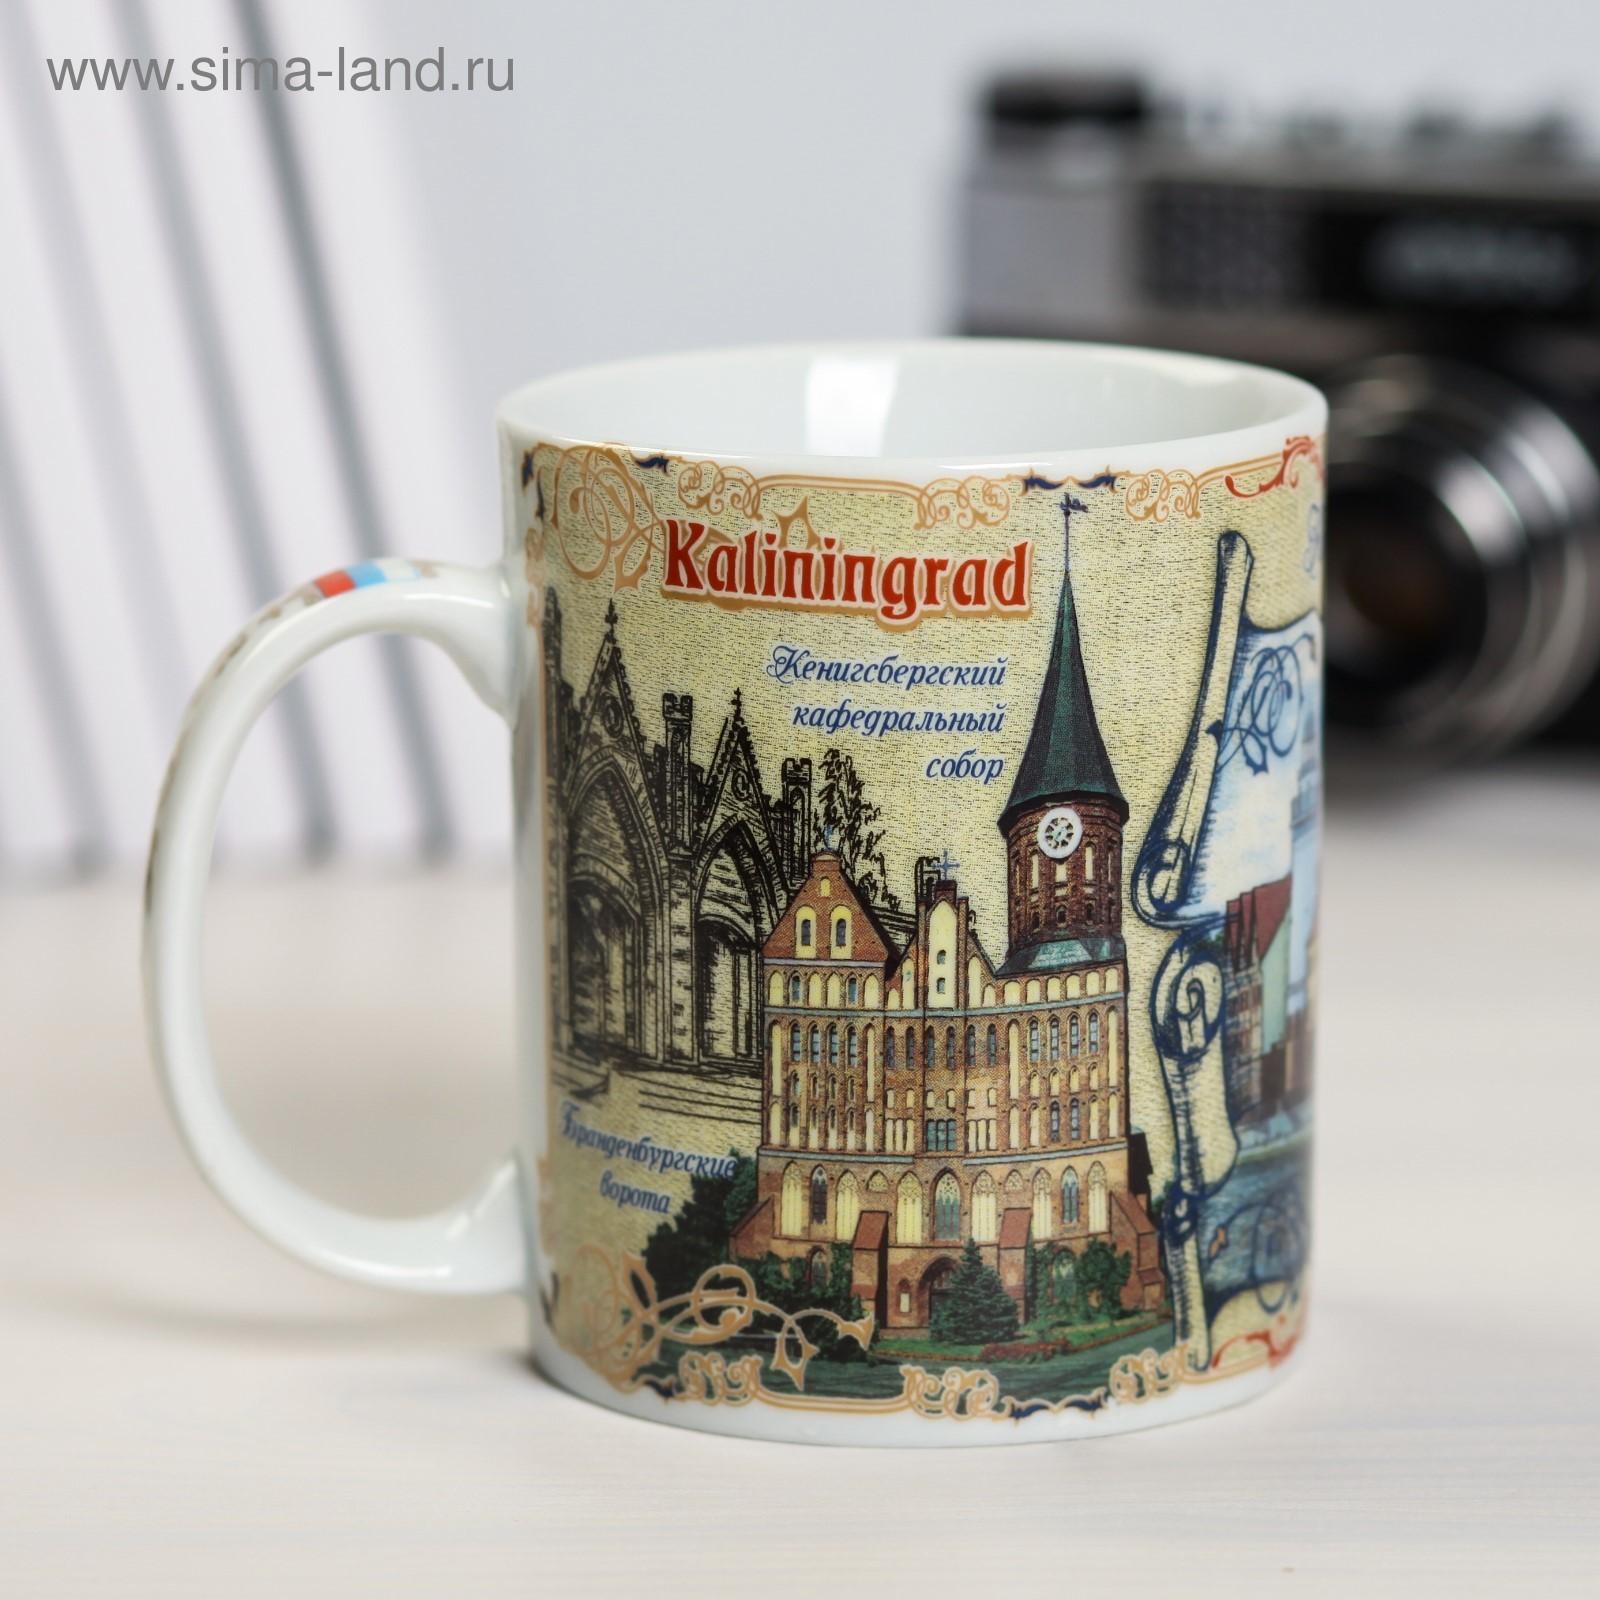 Где можно сделать фотографии на кружку калининград